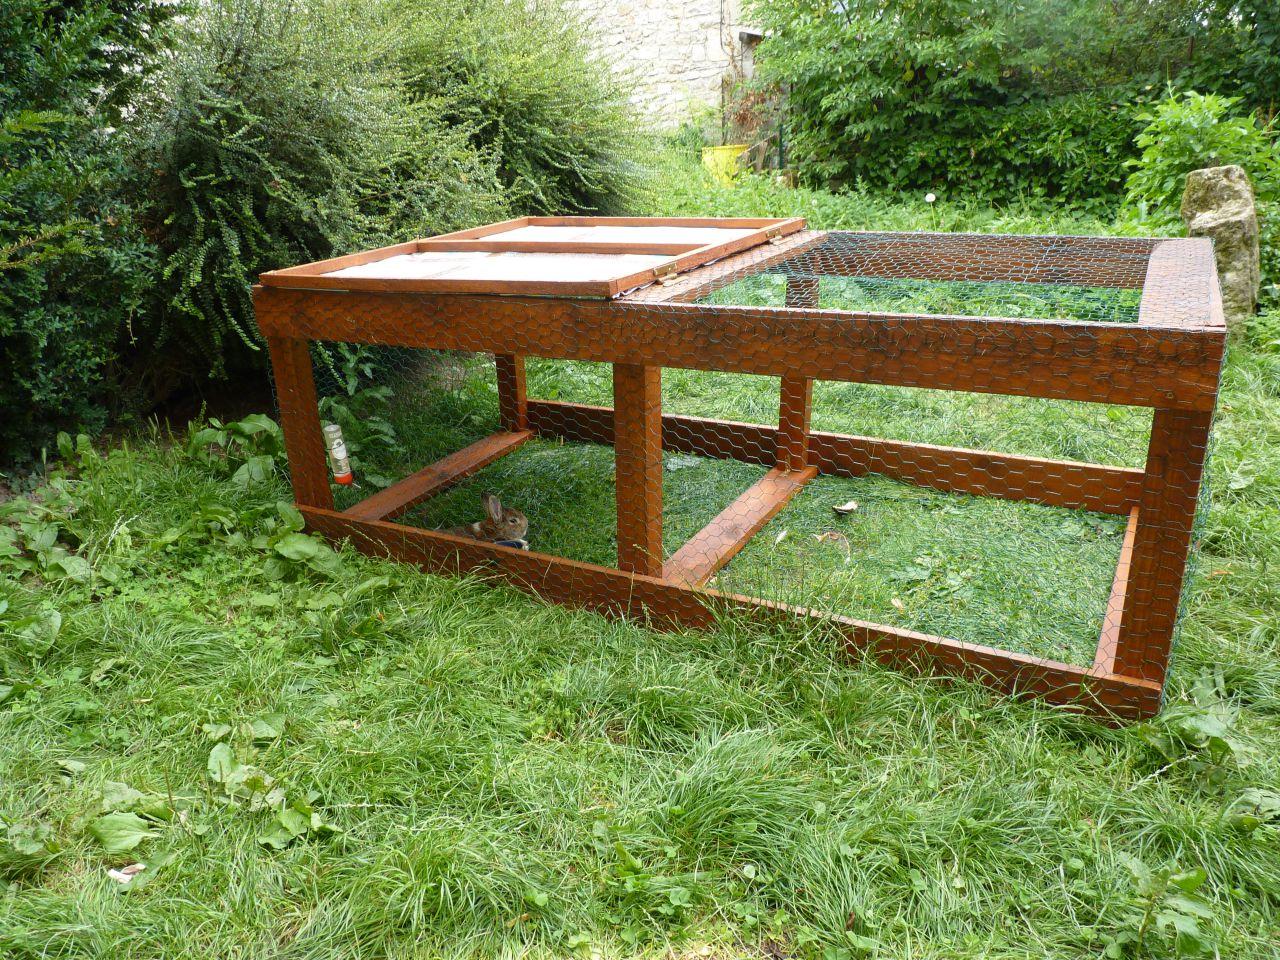 Vos parc lapin 1 forum cheval for Cabane pour lapin exterieur